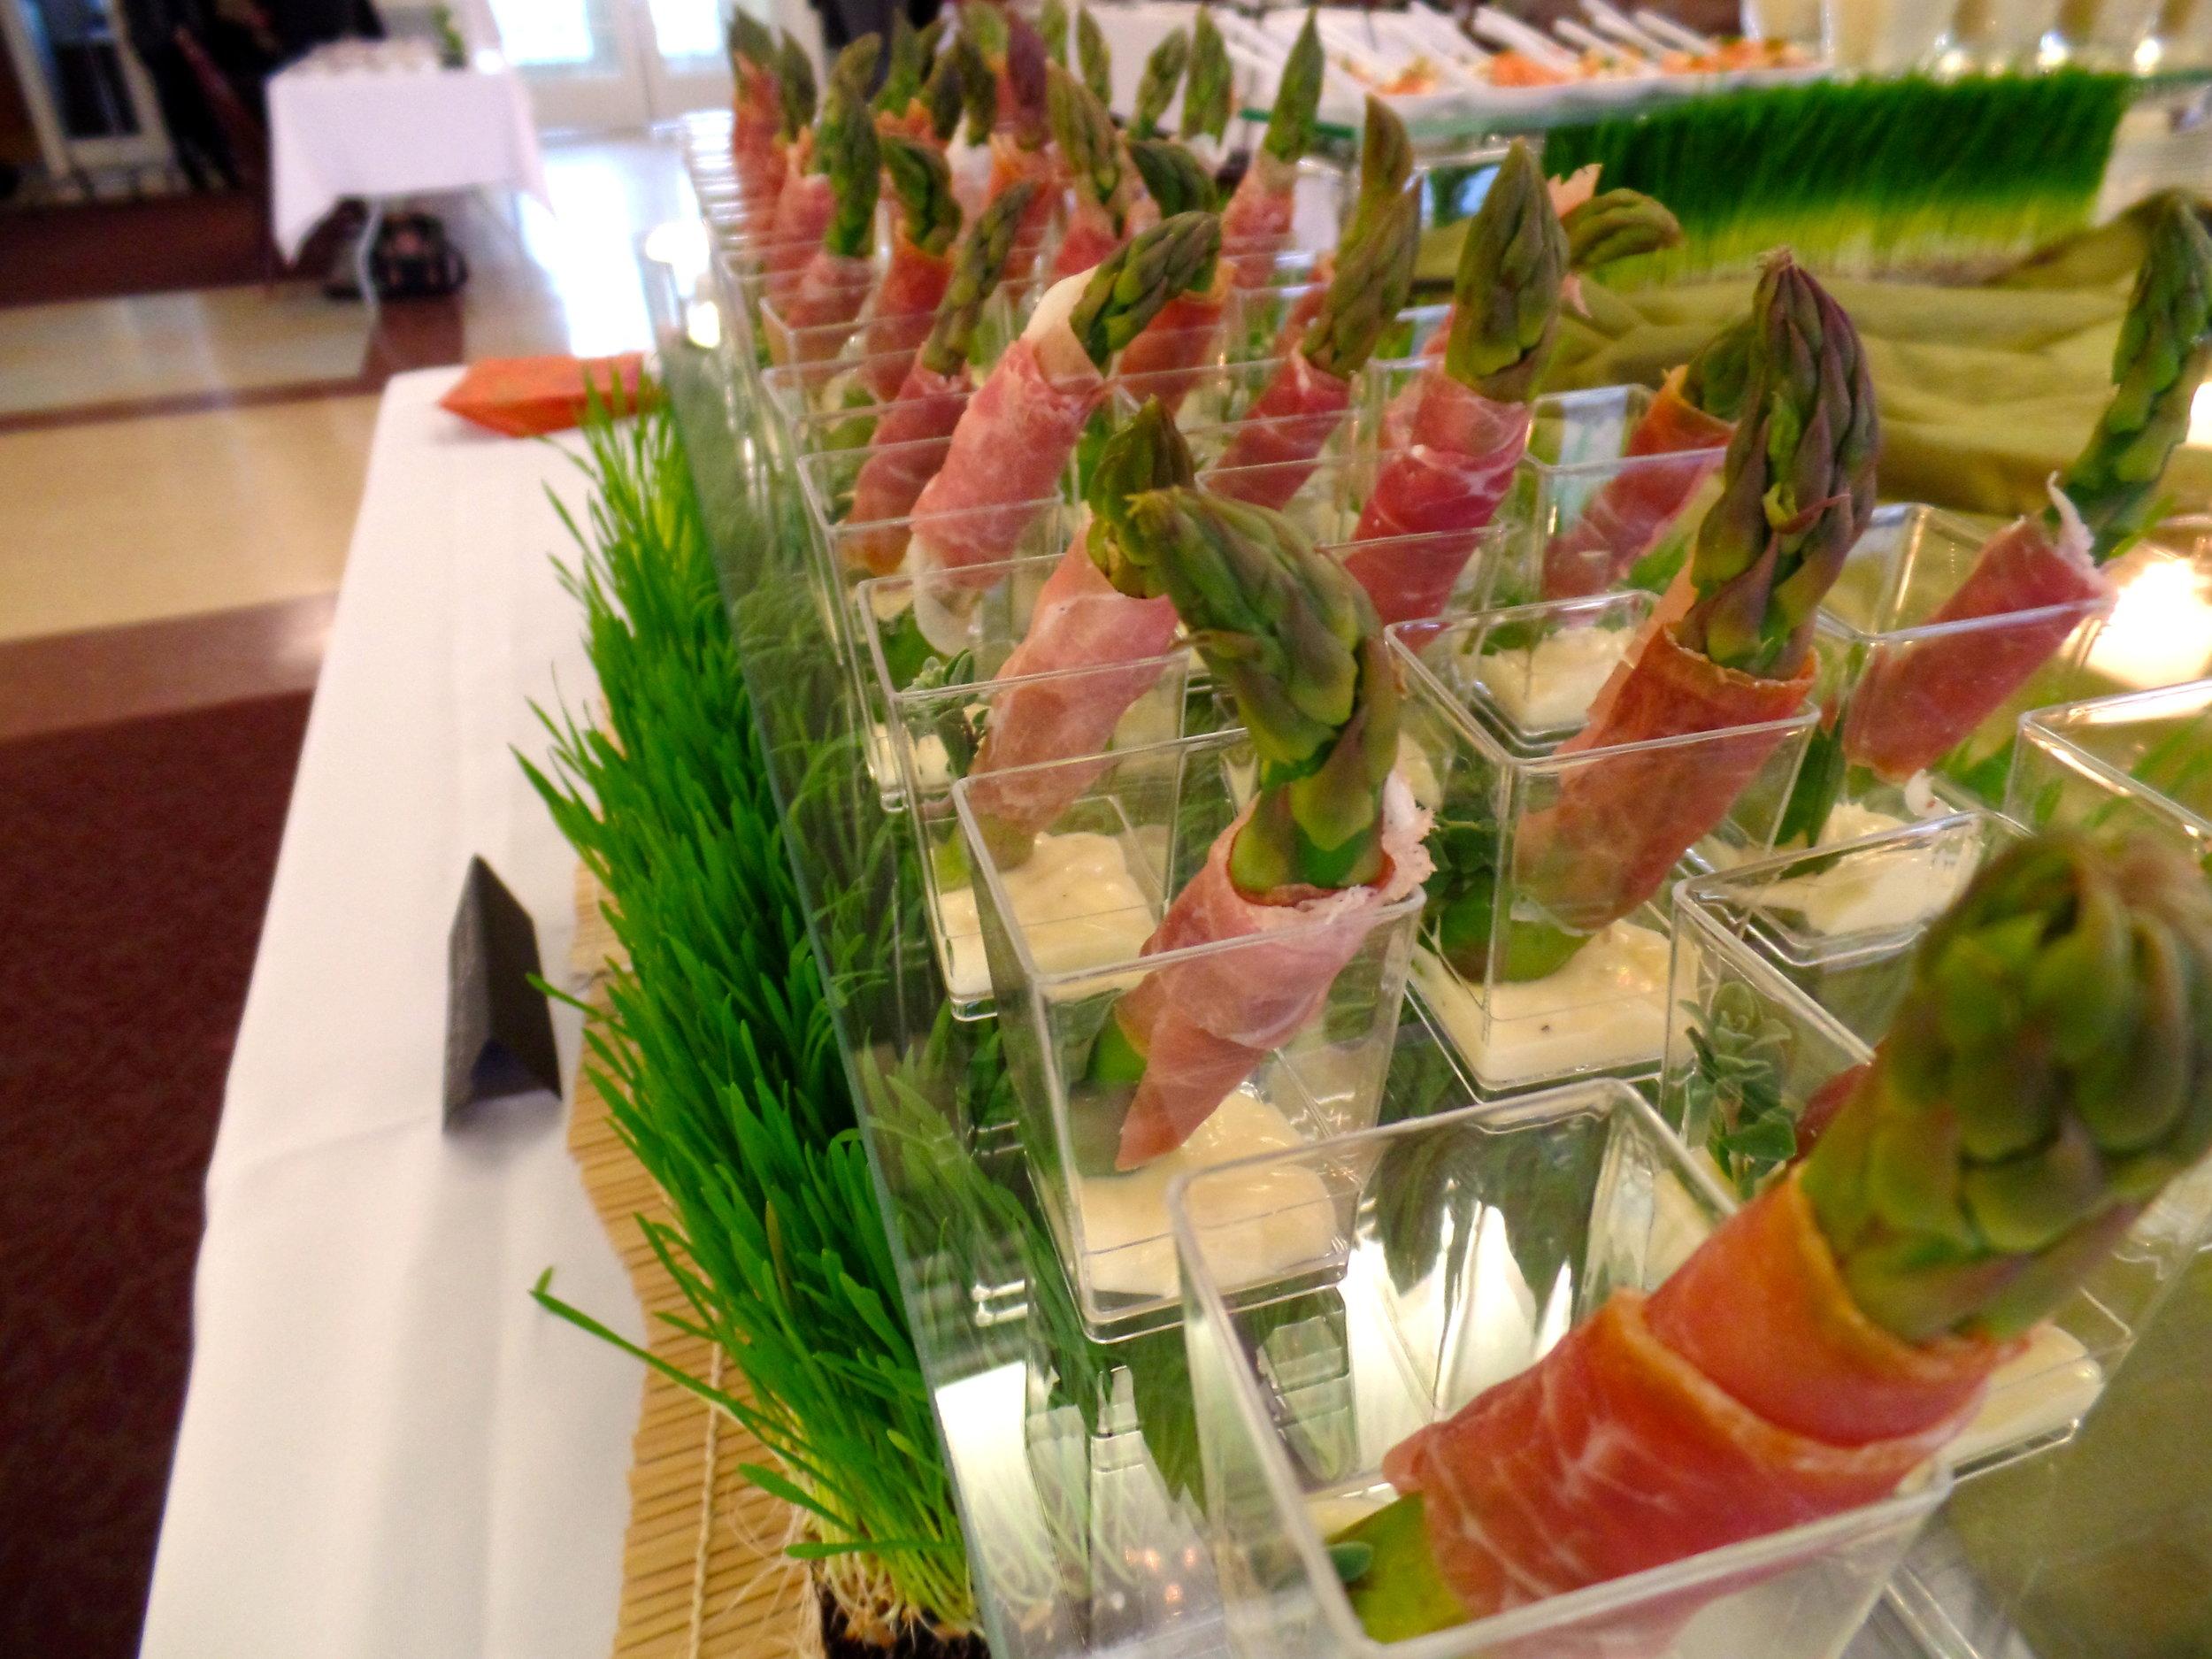 Asparagus & Prosciutto w Garlic Aioli